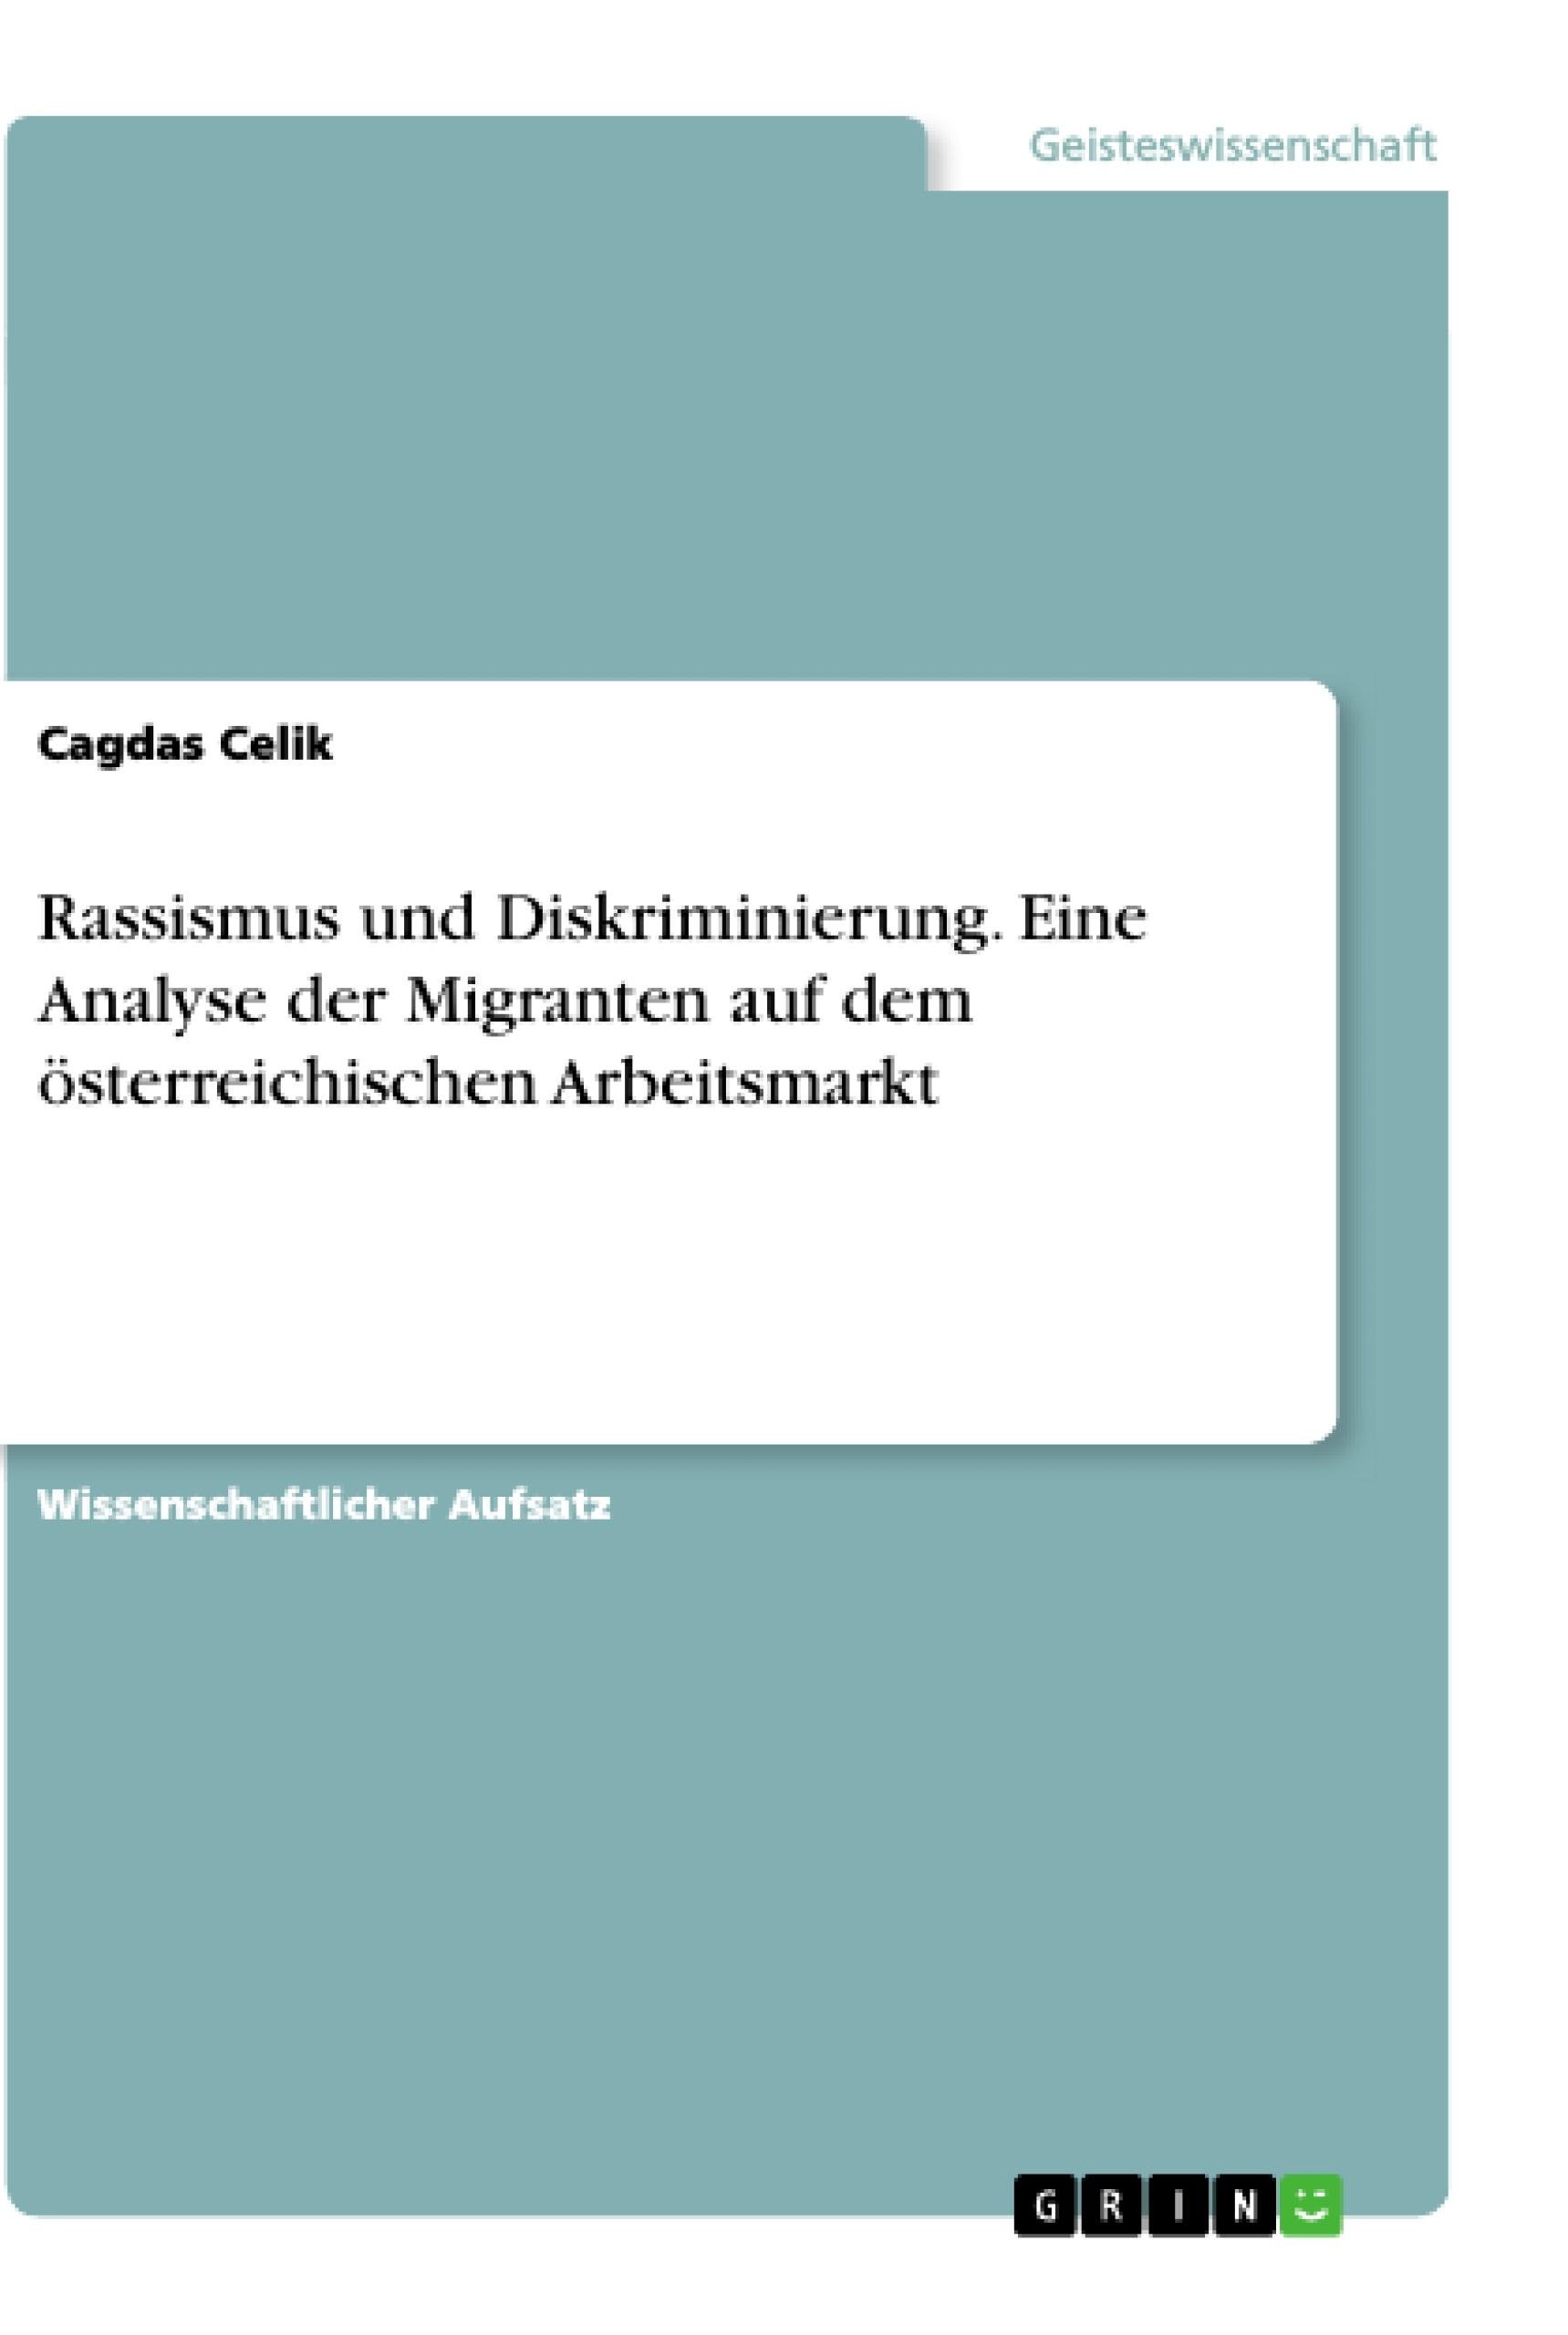 Titel: Rassismus und Diskriminierung. Eine Analyse der Migranten auf dem österreichischen Arbeitsmarkt